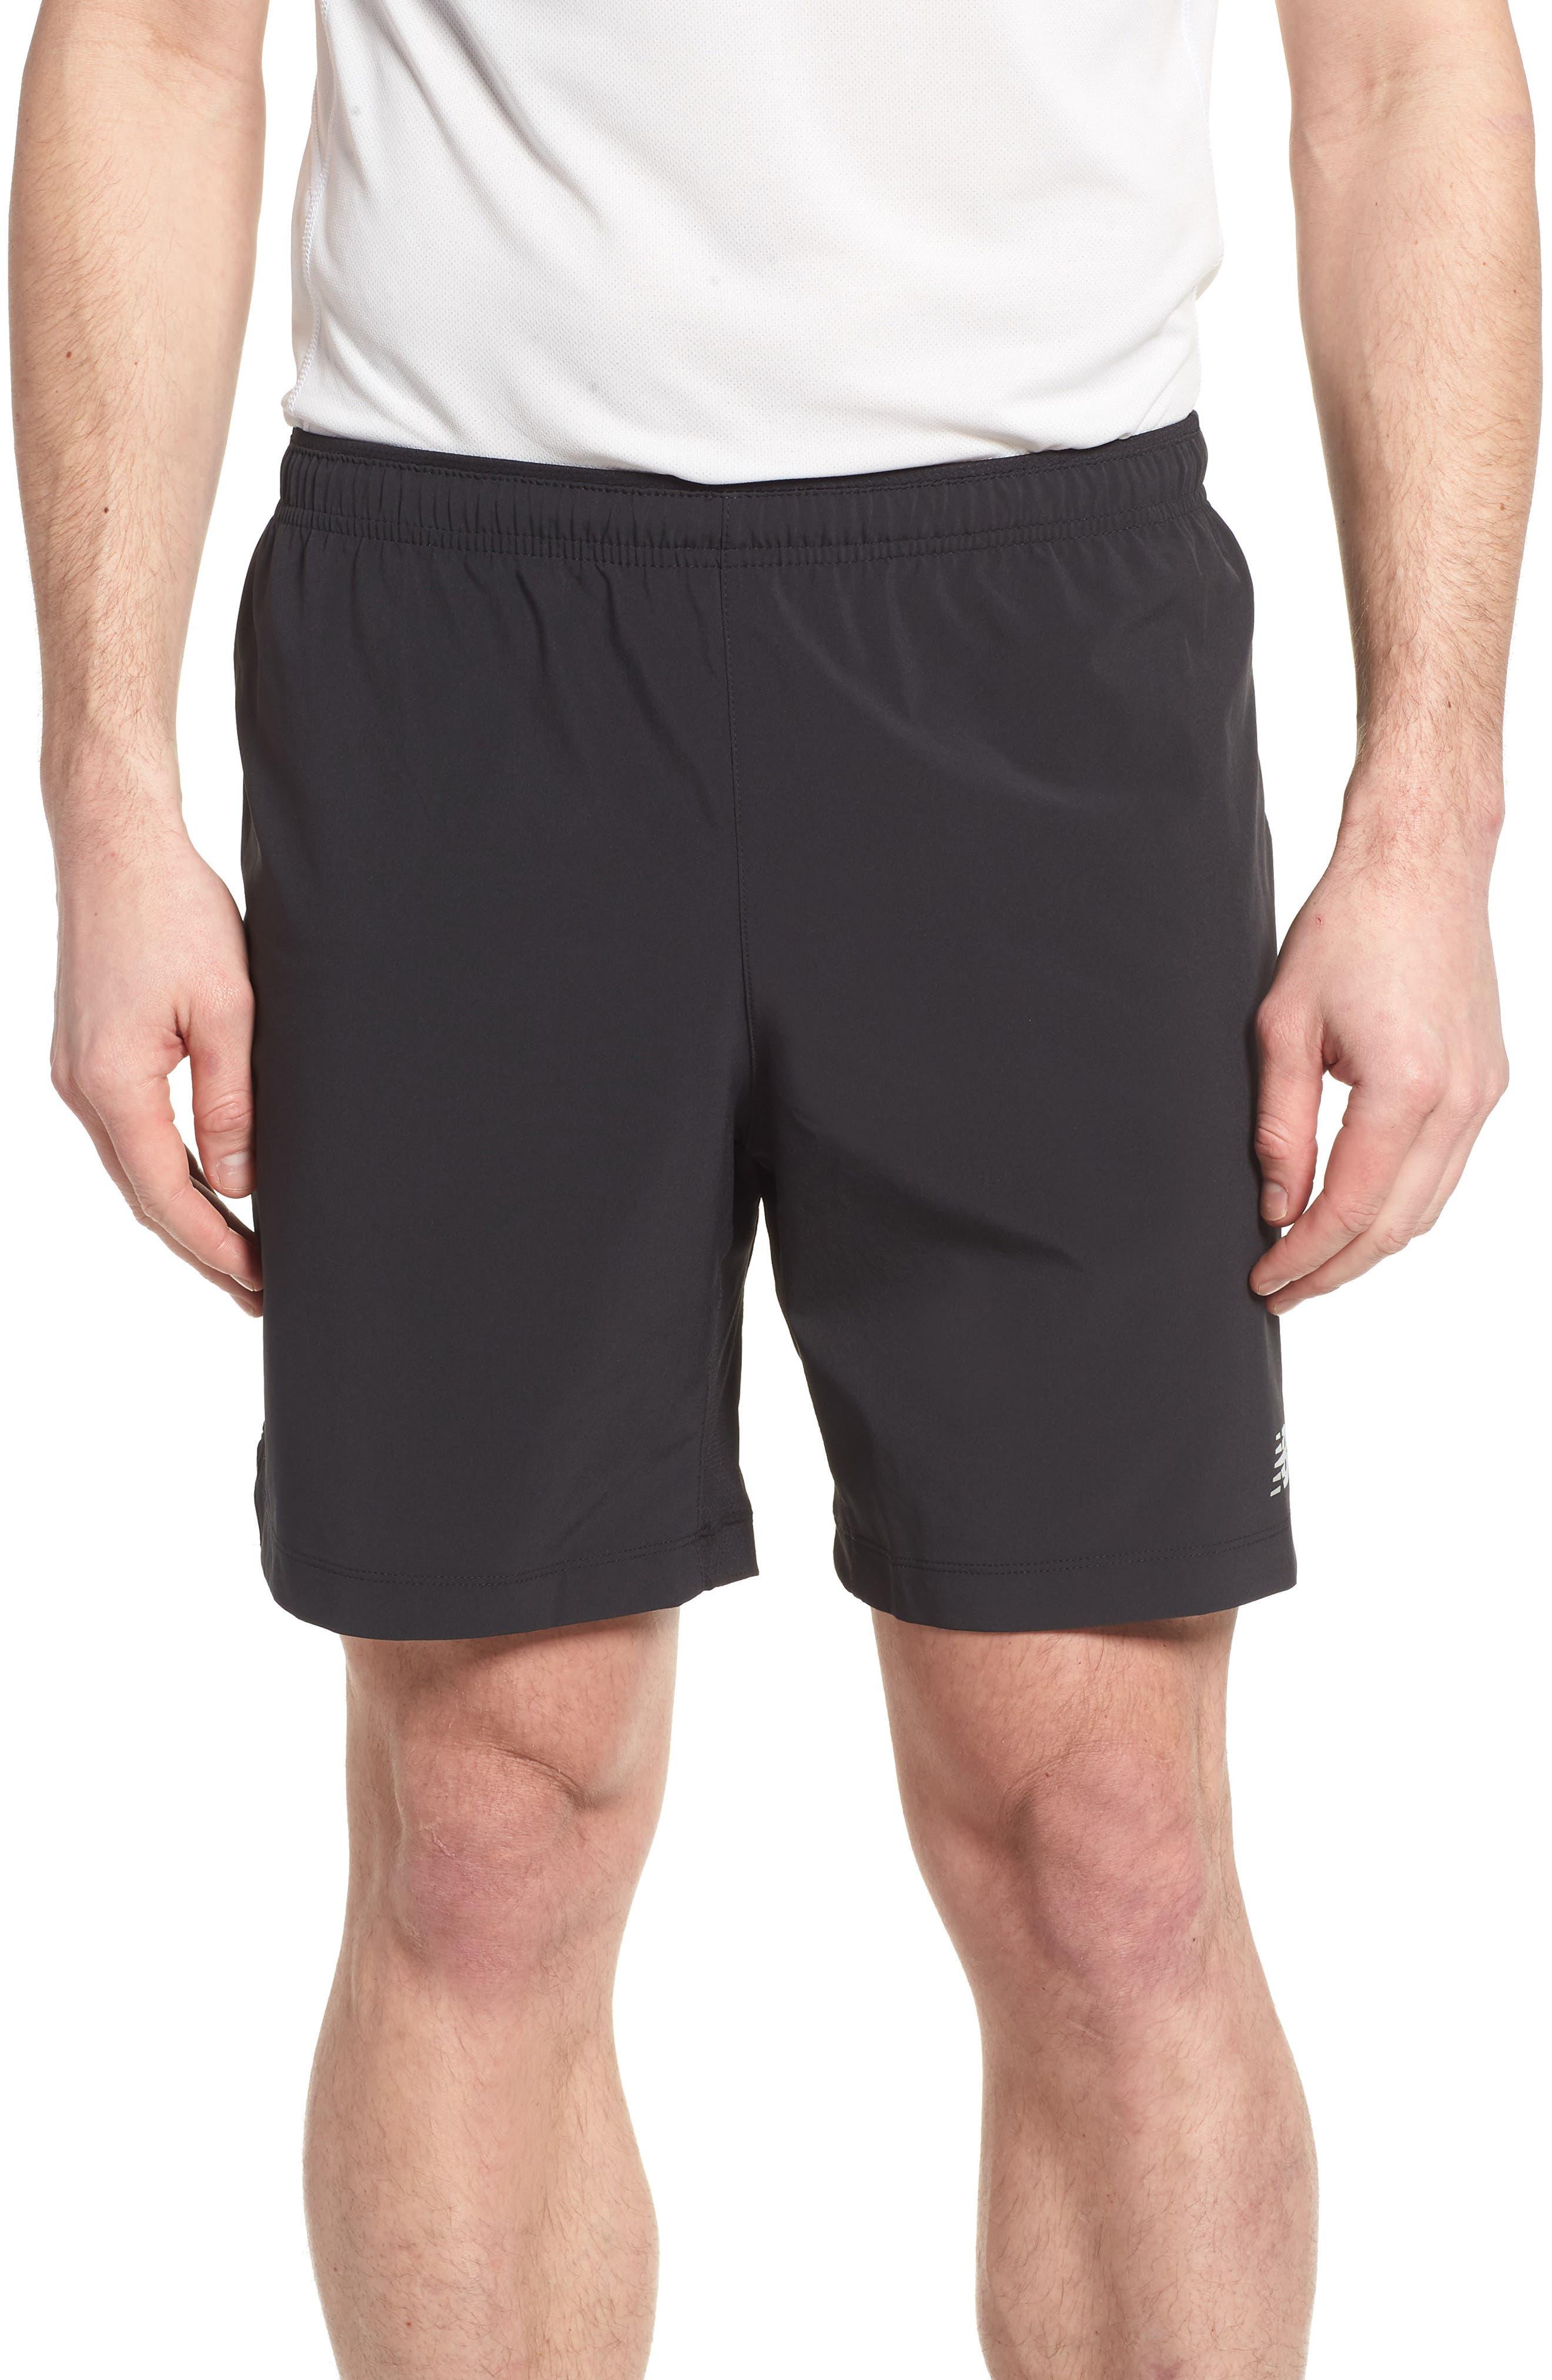 Impact Shorts,                         Main,                         color, Black